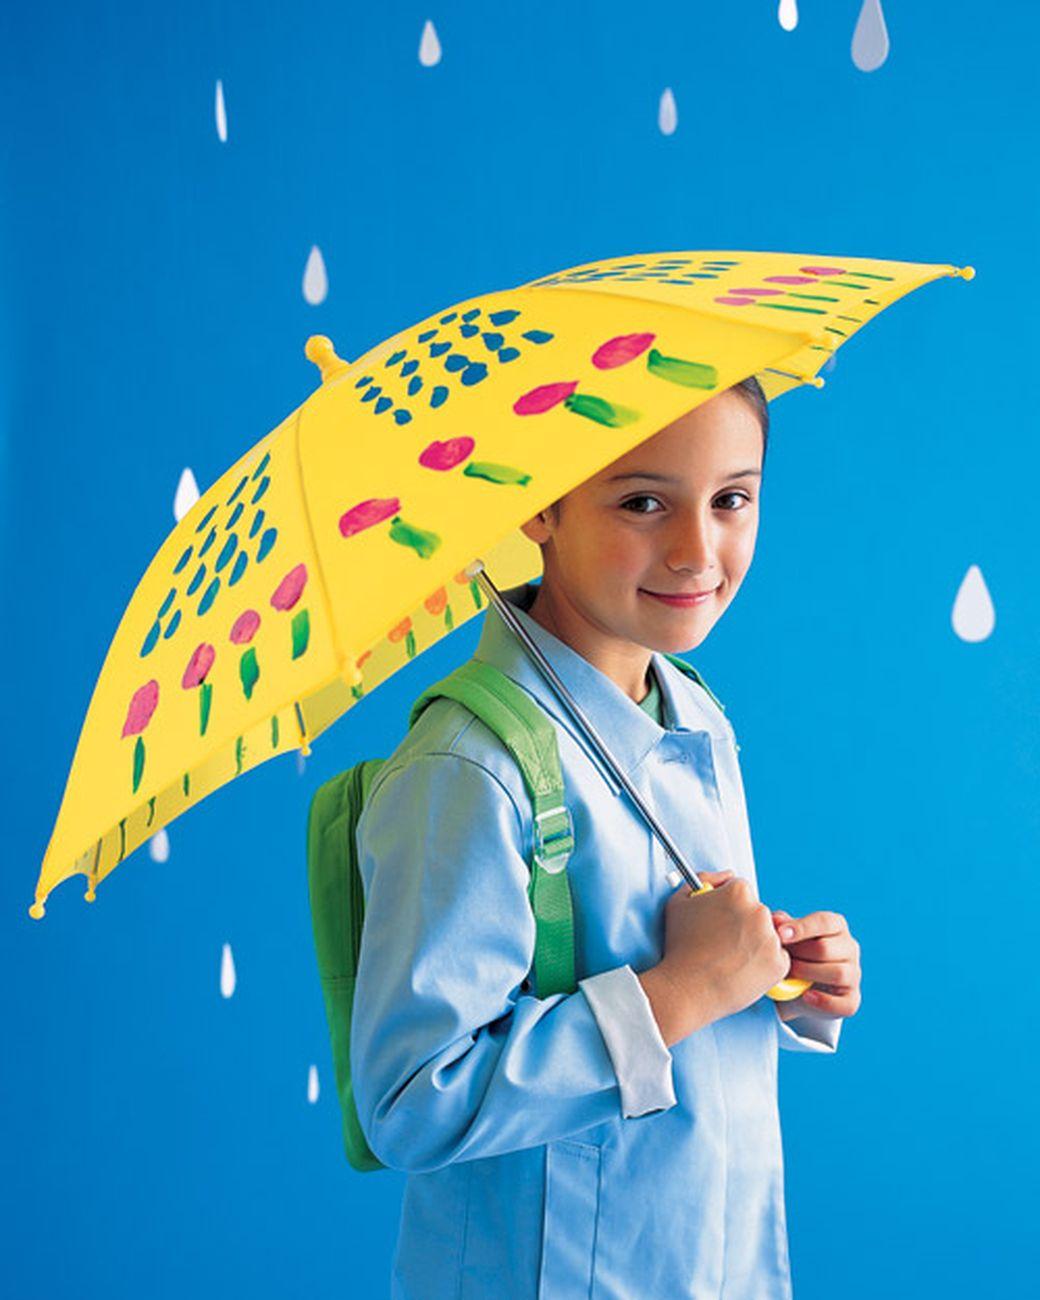 Painted Umbrella